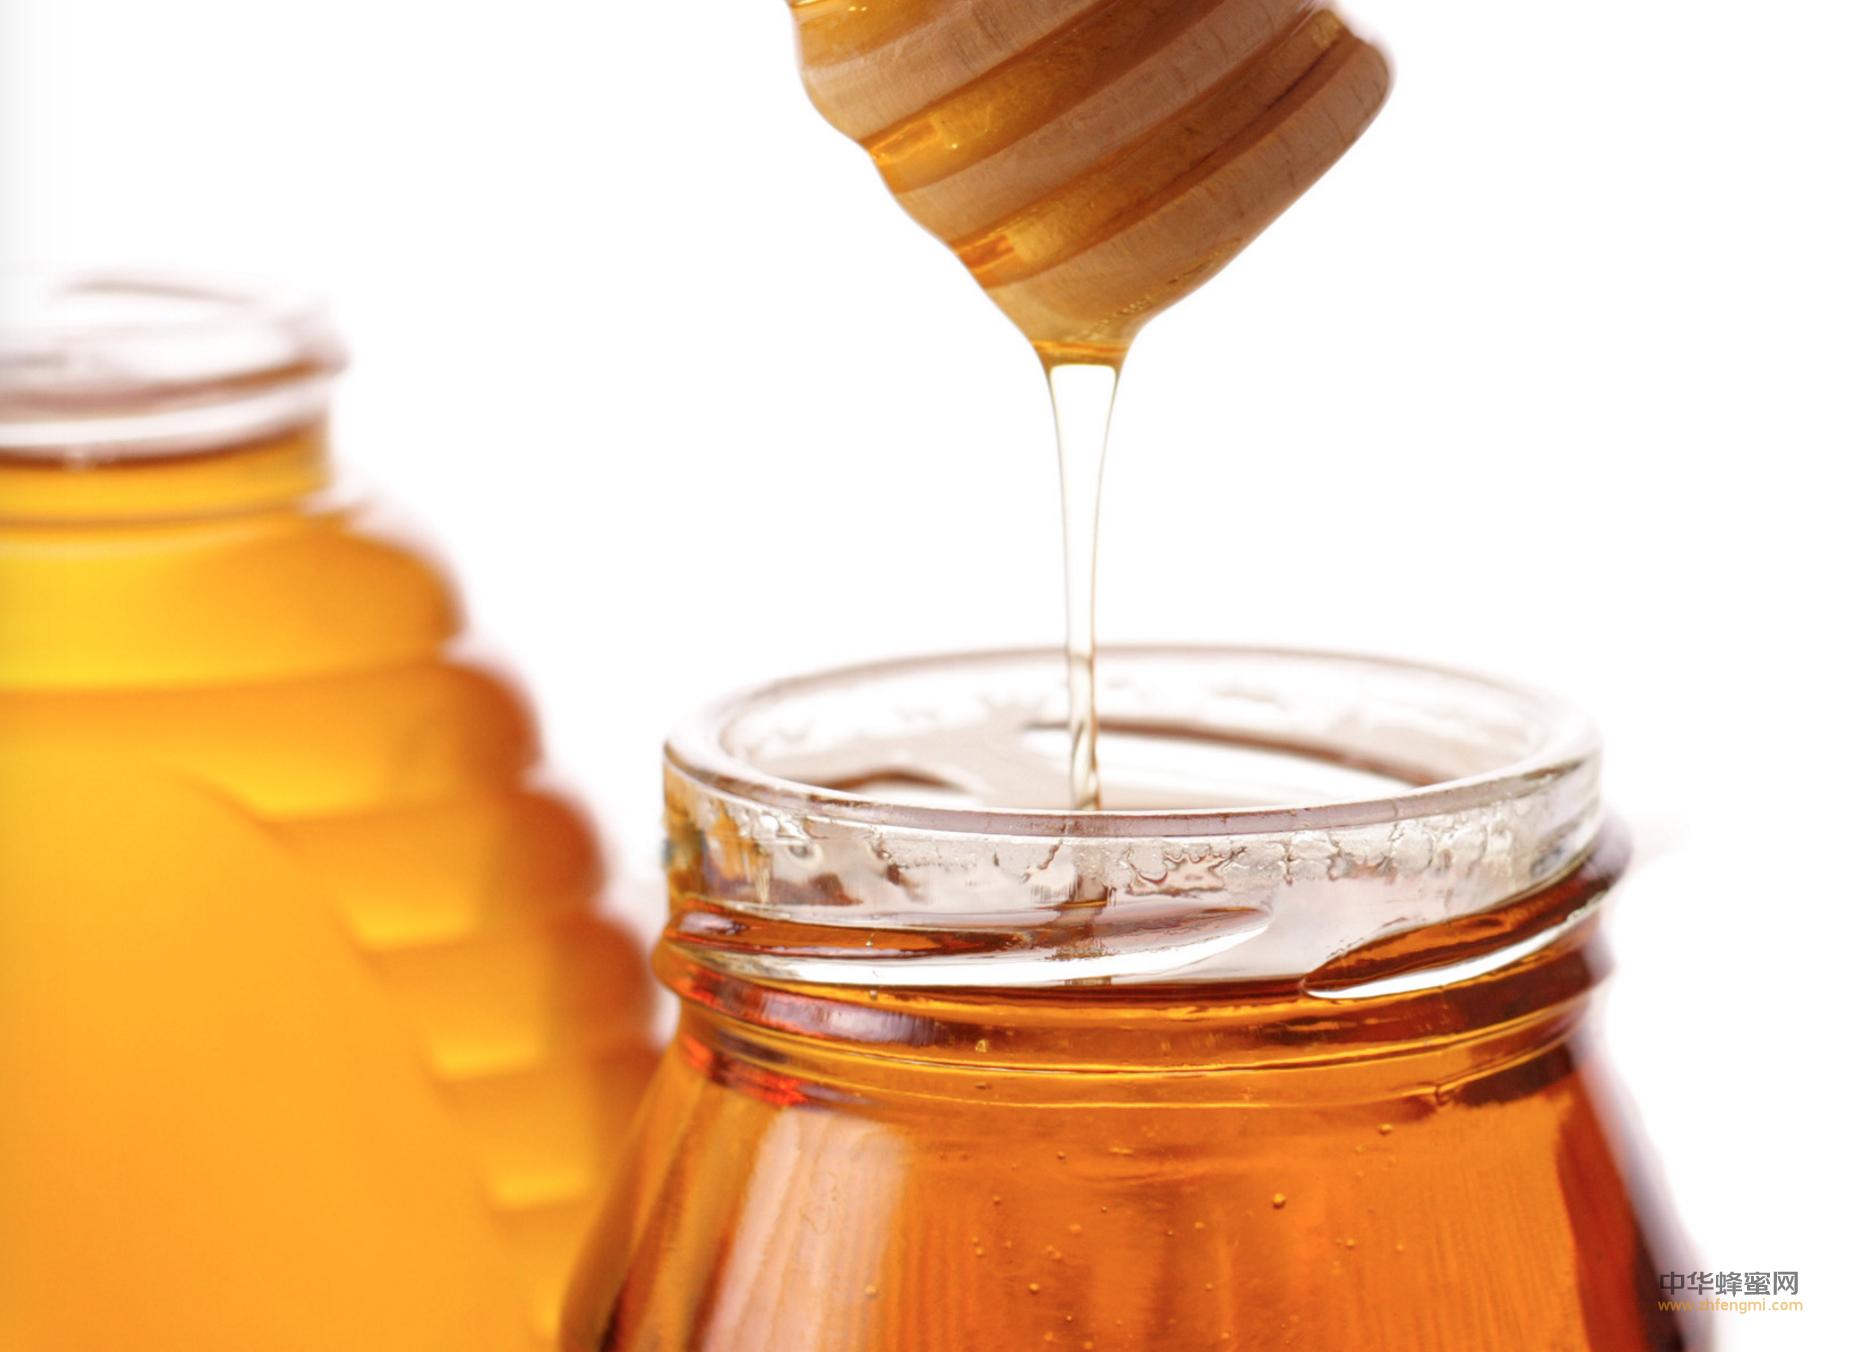 蜂蜜 真假鉴别 蜂蜜真假 陈裕文 花粉粒 花粉 结晶